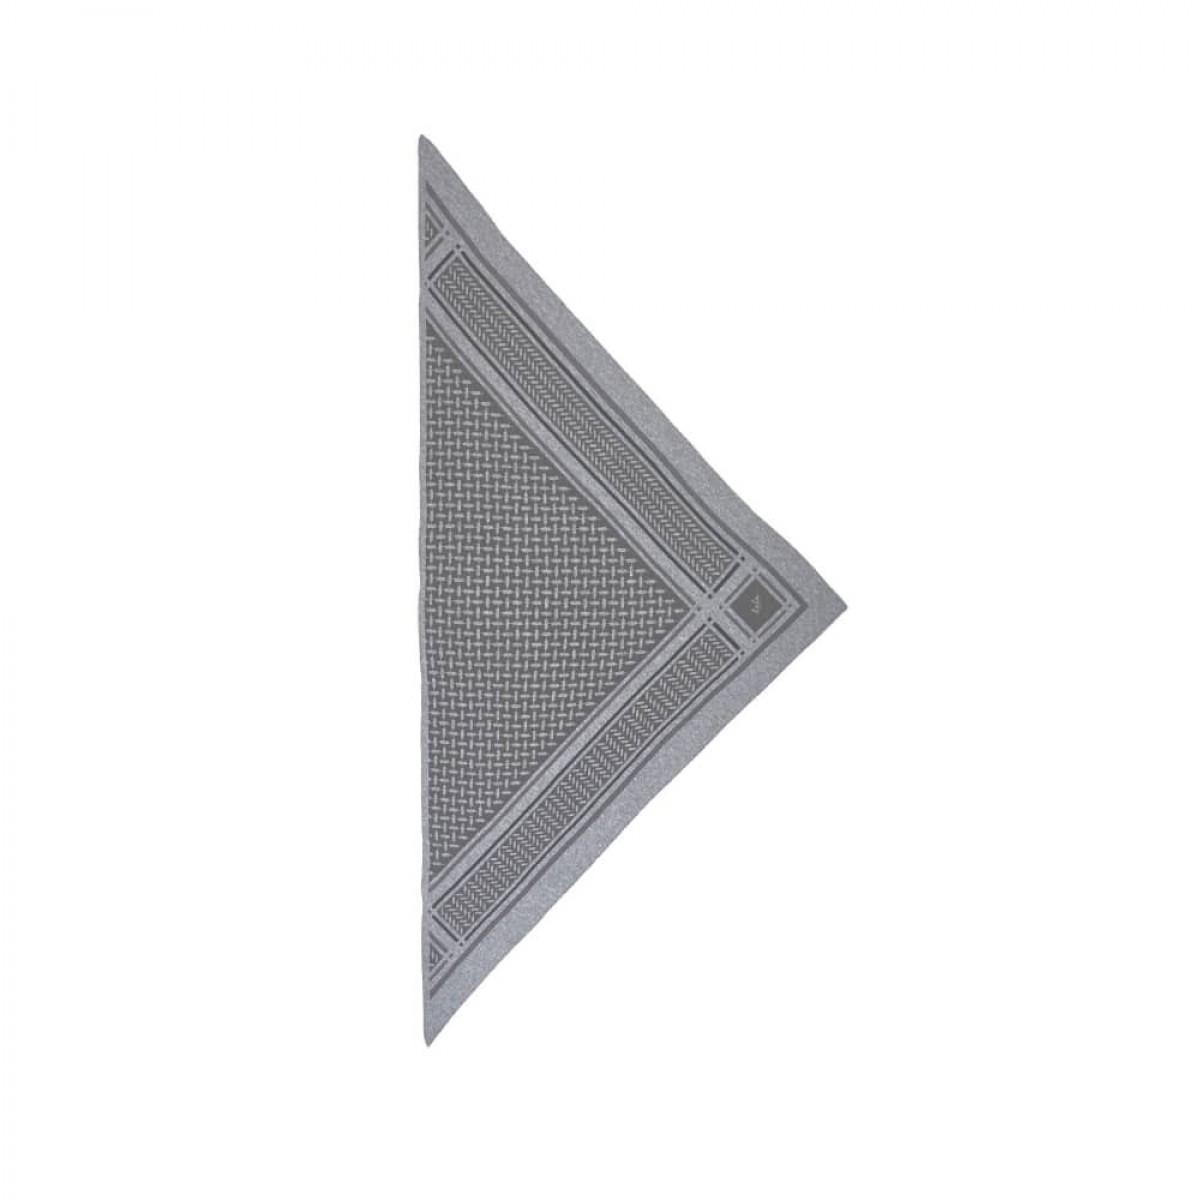 triangle trinity neo m - city neo light - front